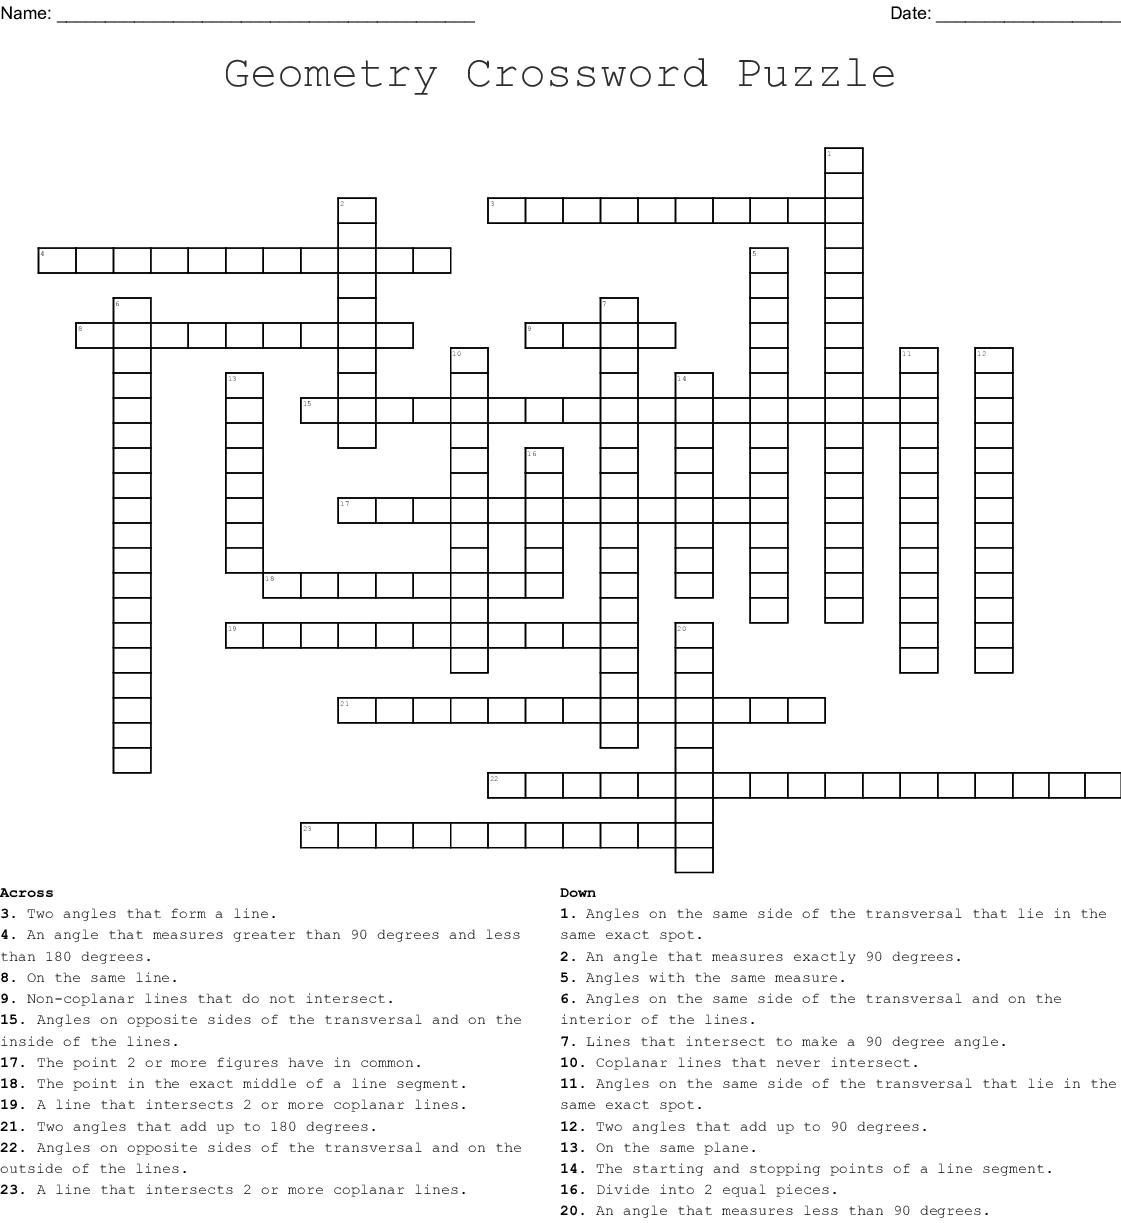 Geometry Crossword Puzzle - Yapis.sticken.co - Geometry Vocabulary Crossword Puzzle Printable